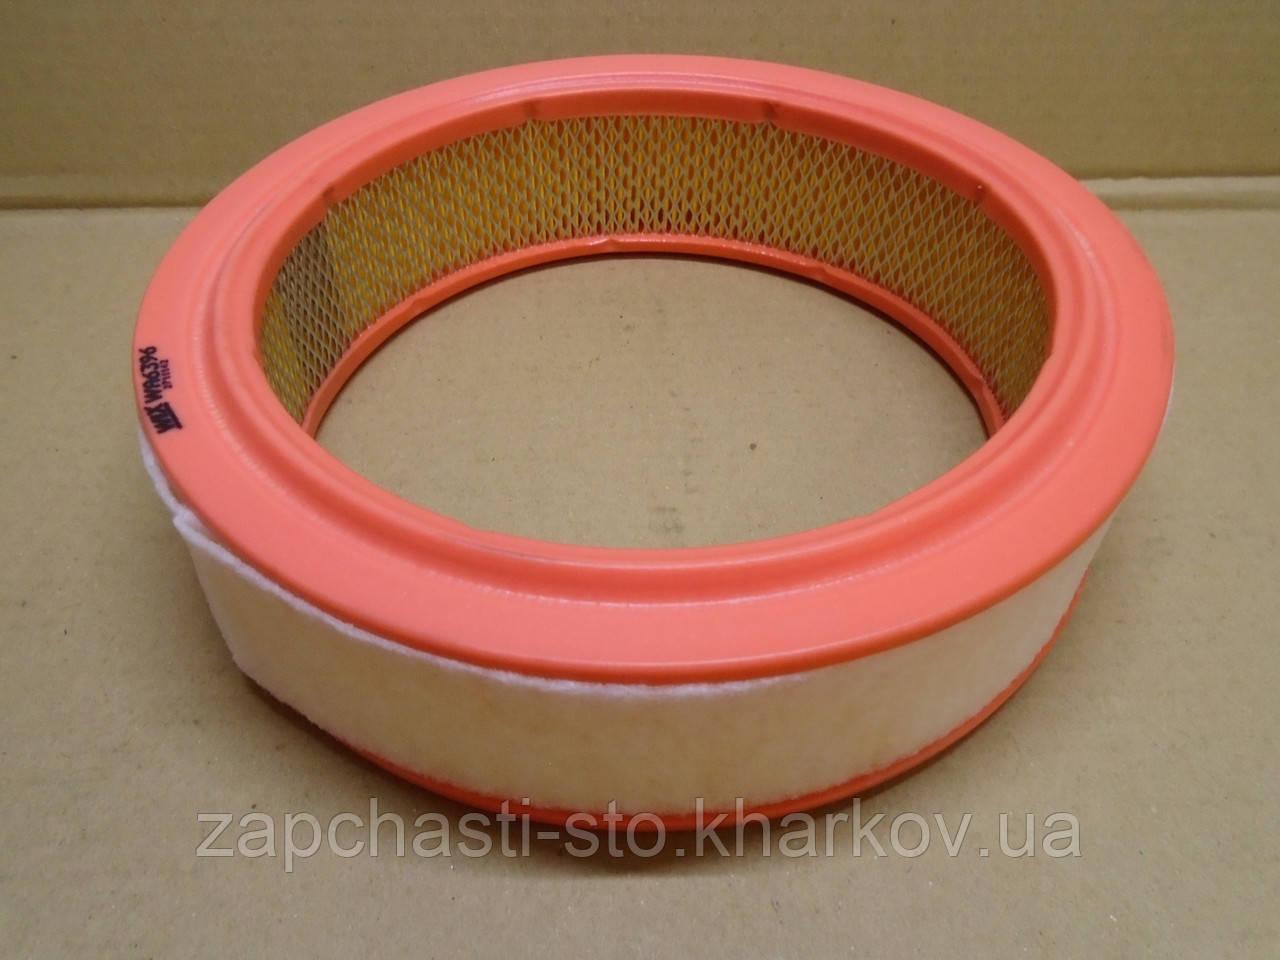 Фильтр воздушный ВАЗ, ЗАЗ карбюраторный WIX с дополнительной сеткой